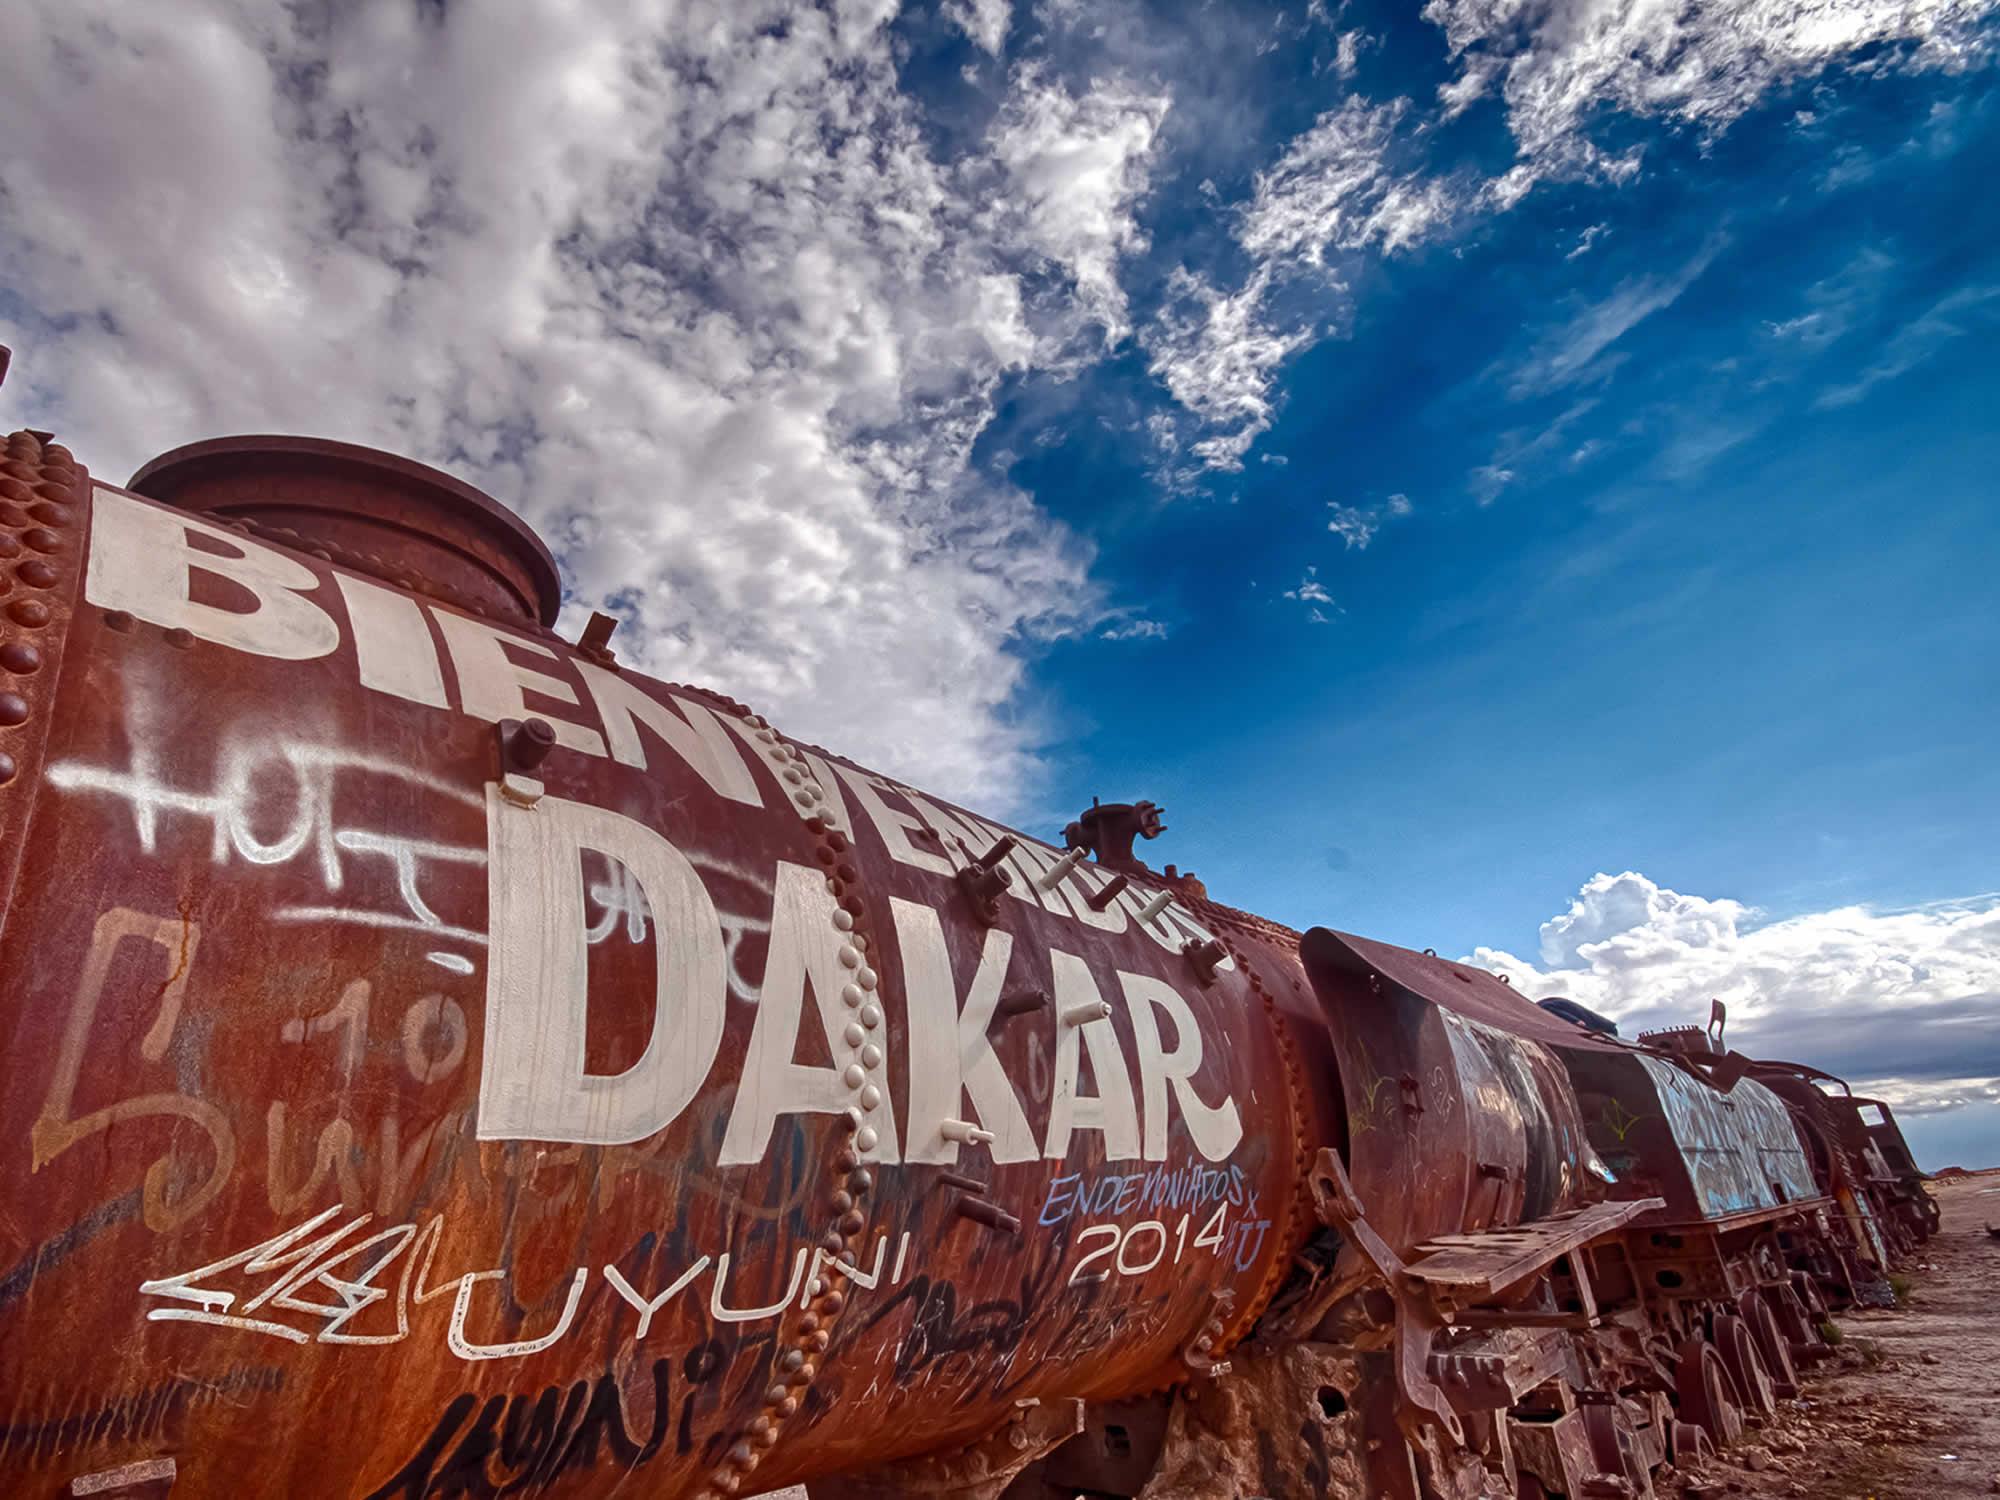 Dakar 2020 in Bolivia